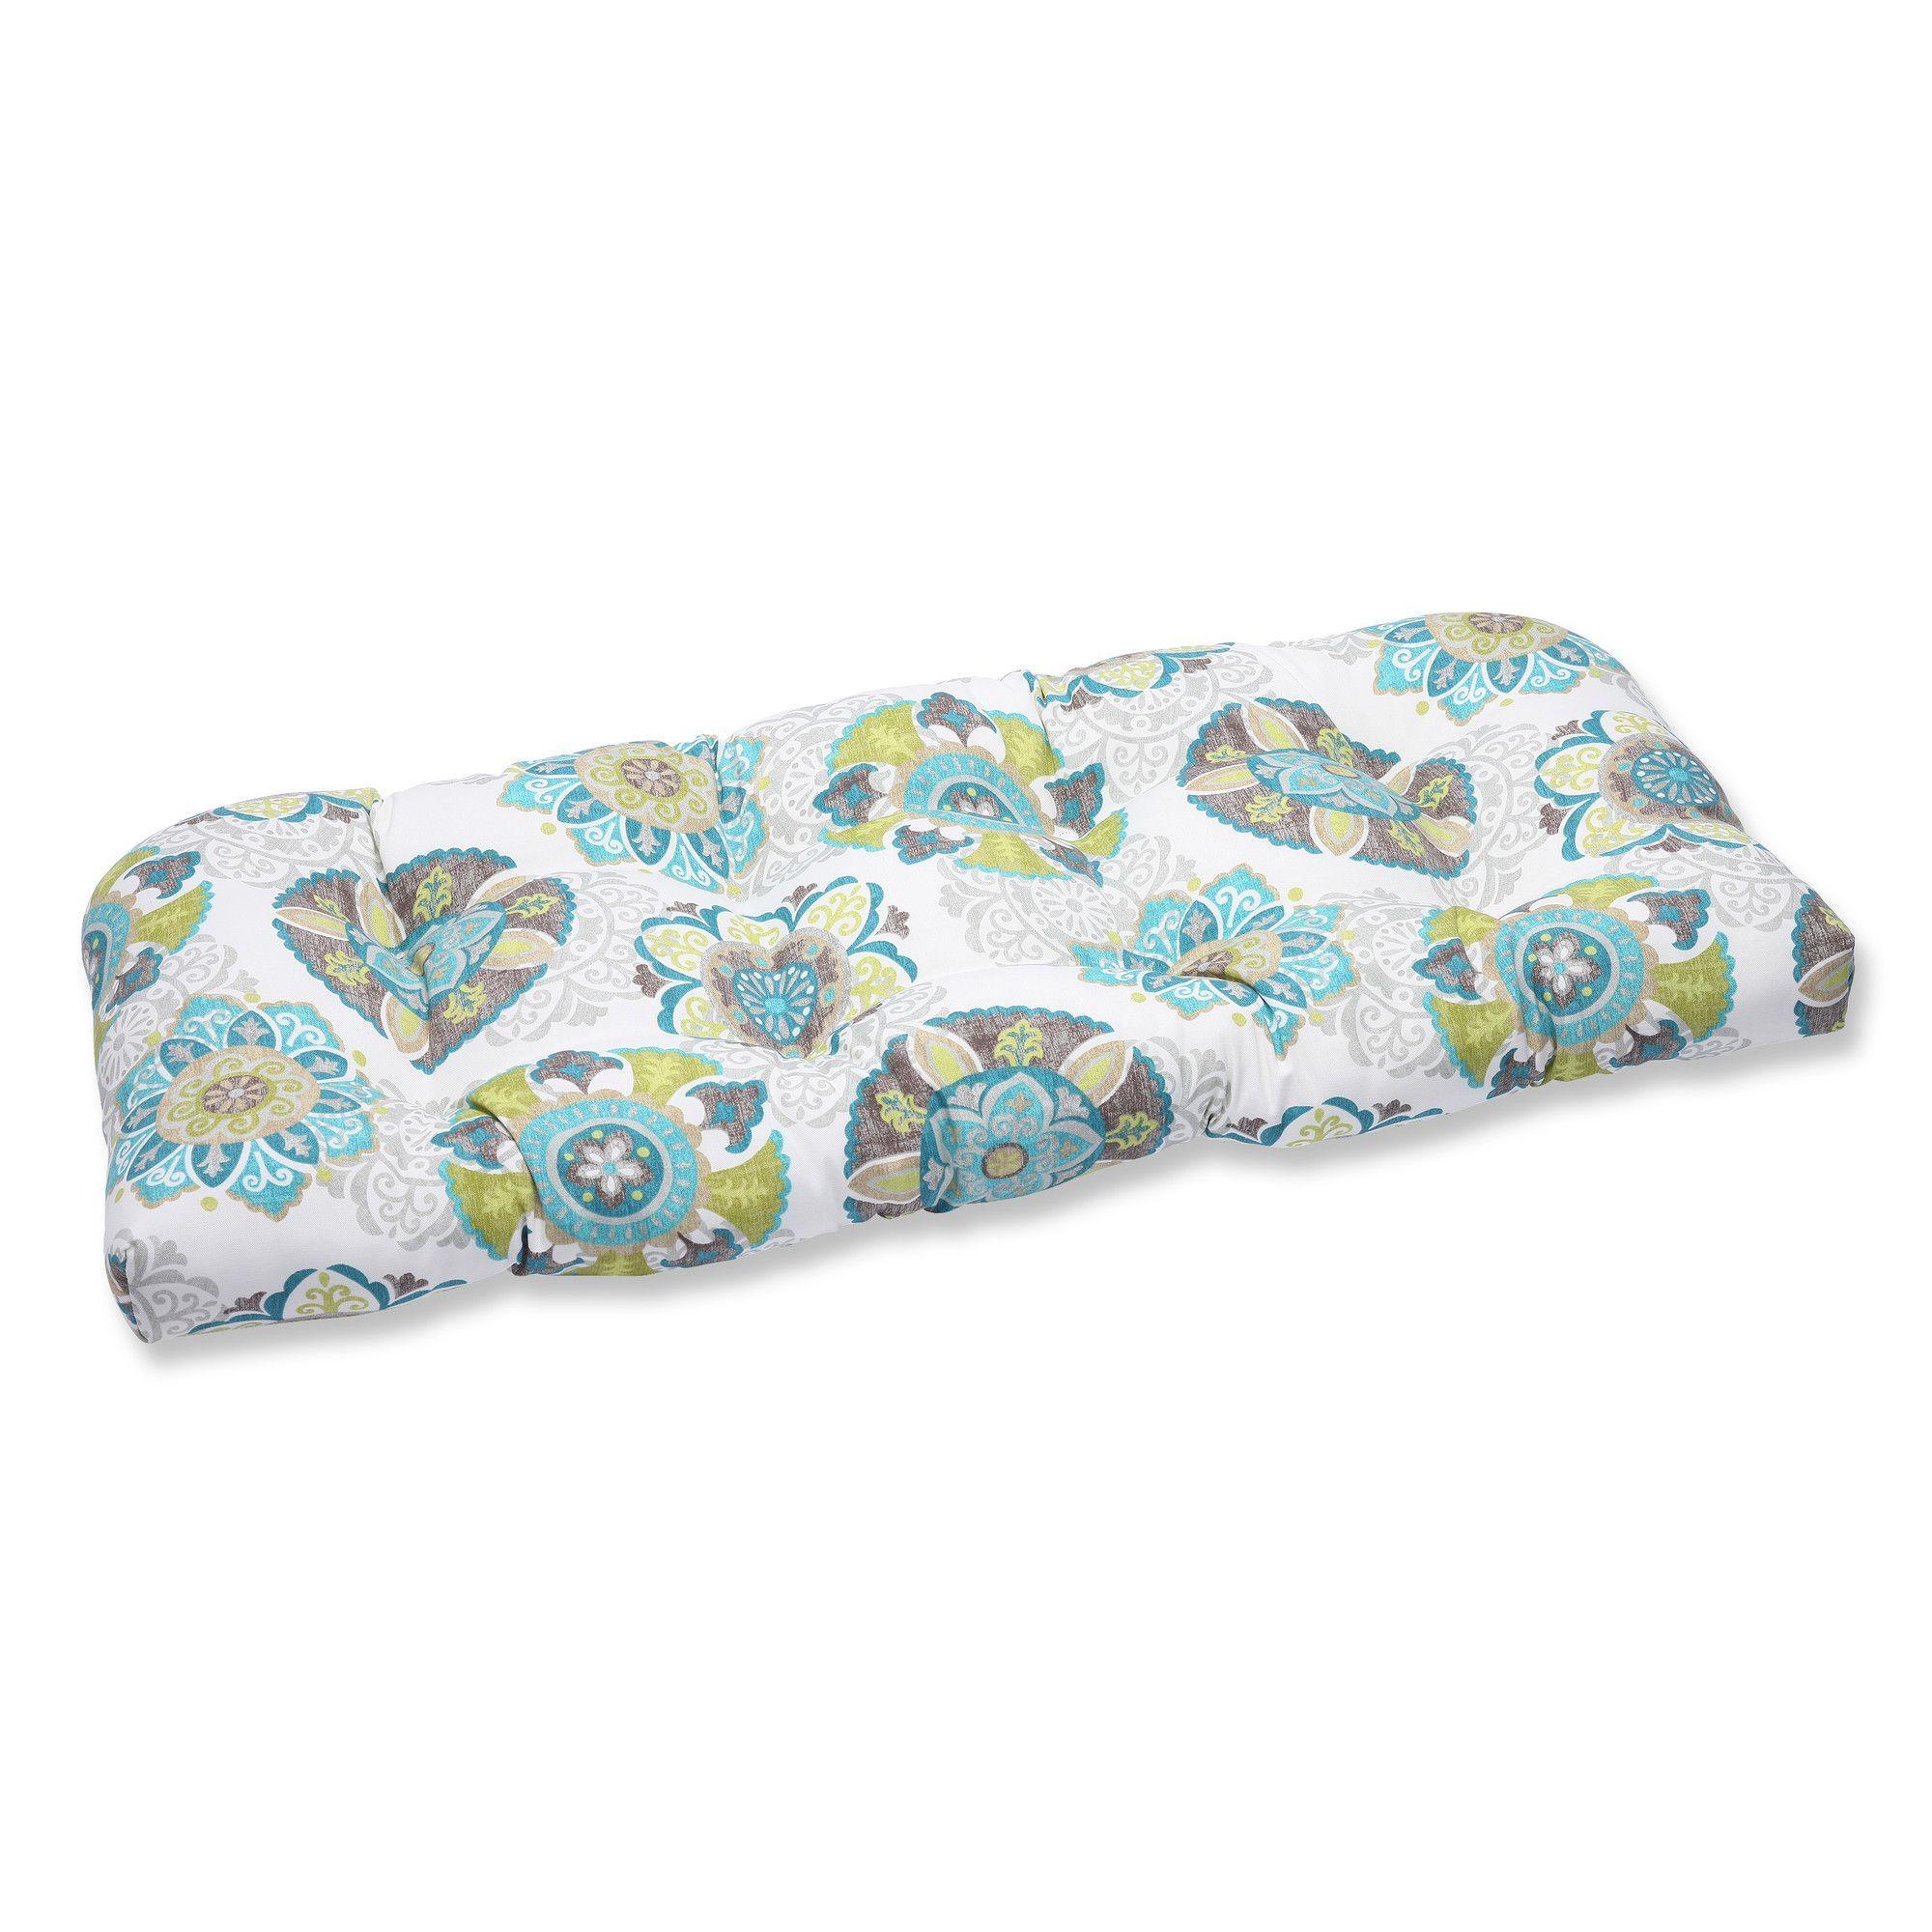 Allodala Oasis Outdoor Loveseat Cushion Products